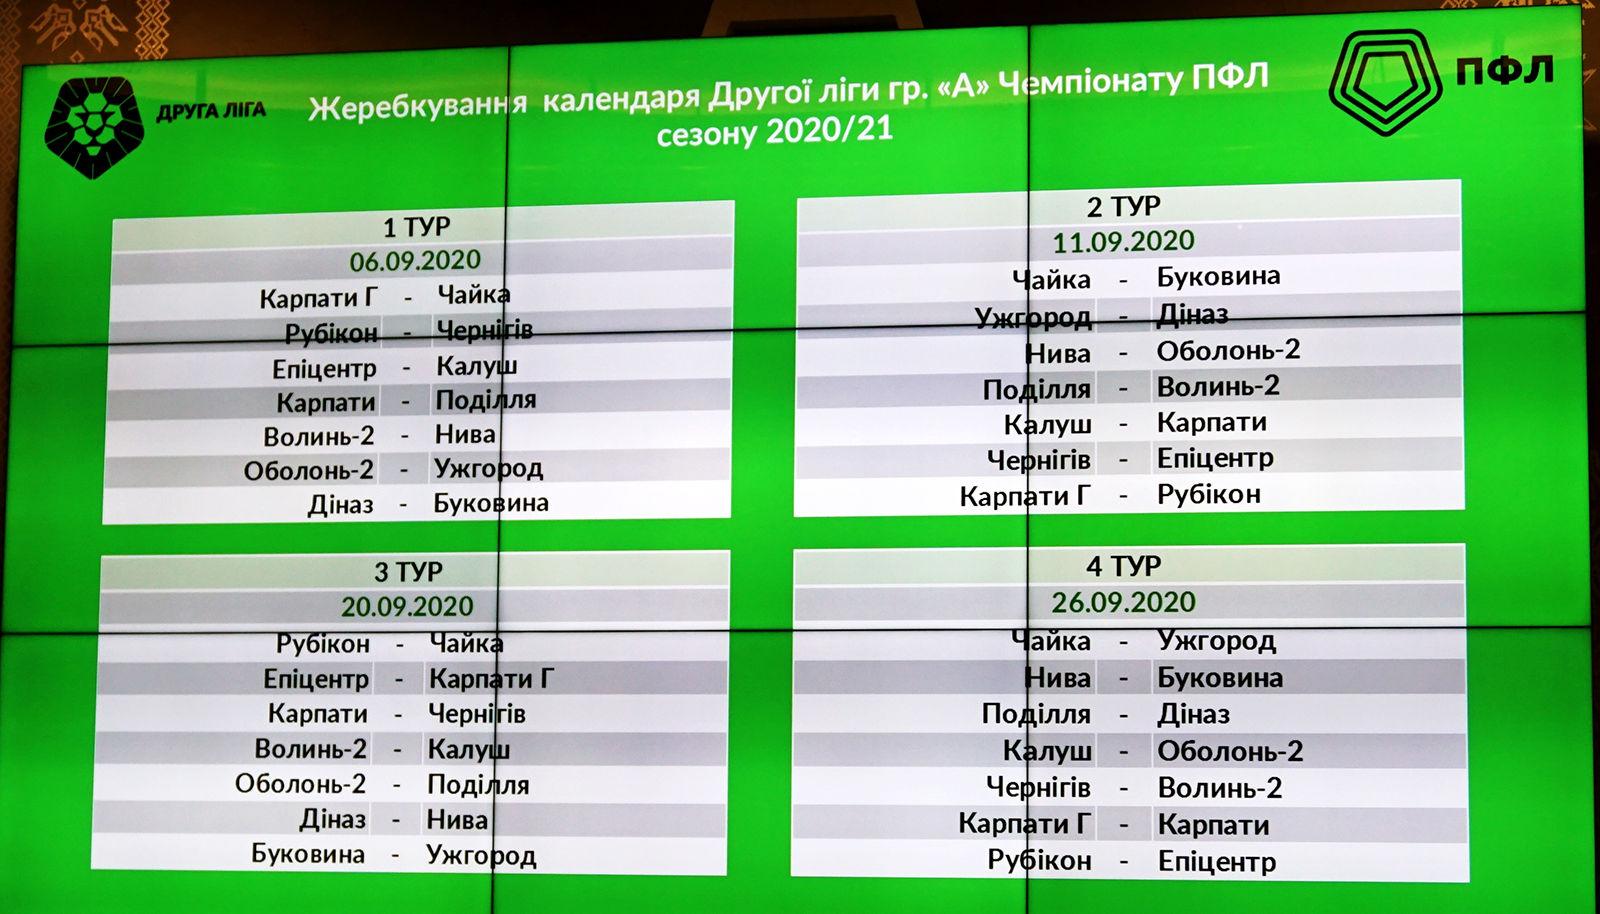 Відбулося жеребкування календаря Другої ліги сезону 2020/21 - изображение 1